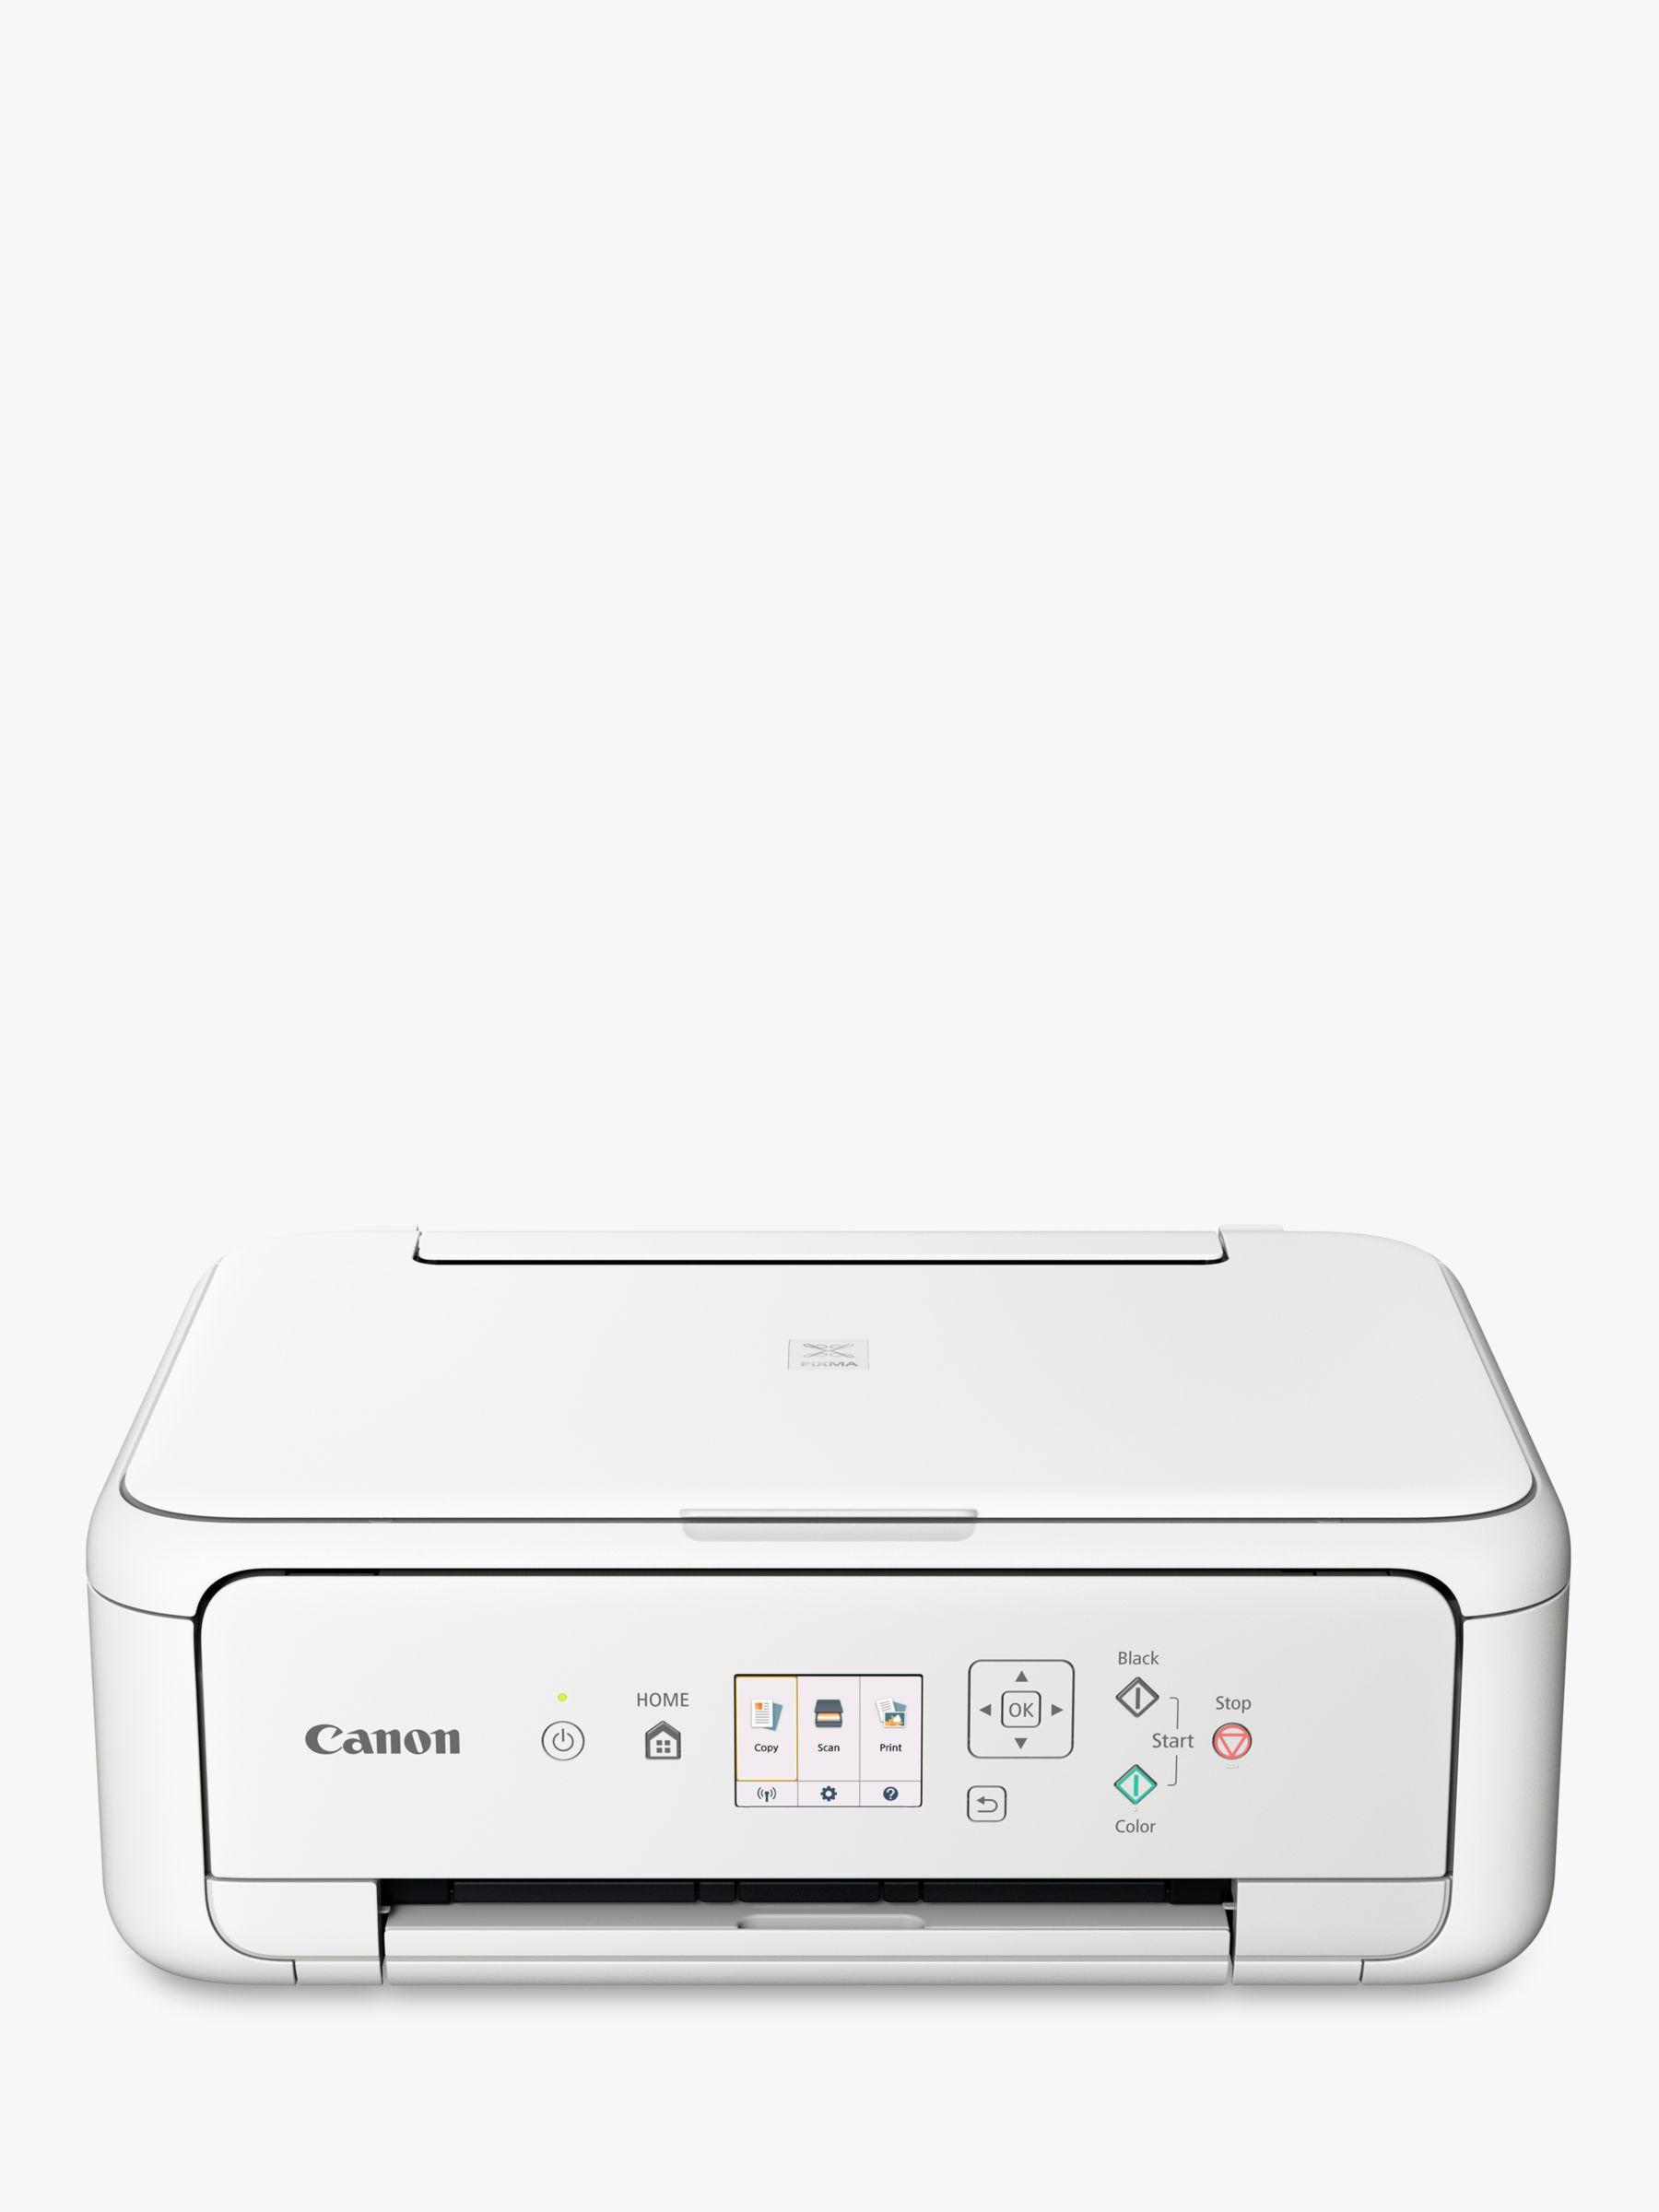 Canon Canon PIXMA TS5151 All-in-One Wireless Wi-Fi Printer, White